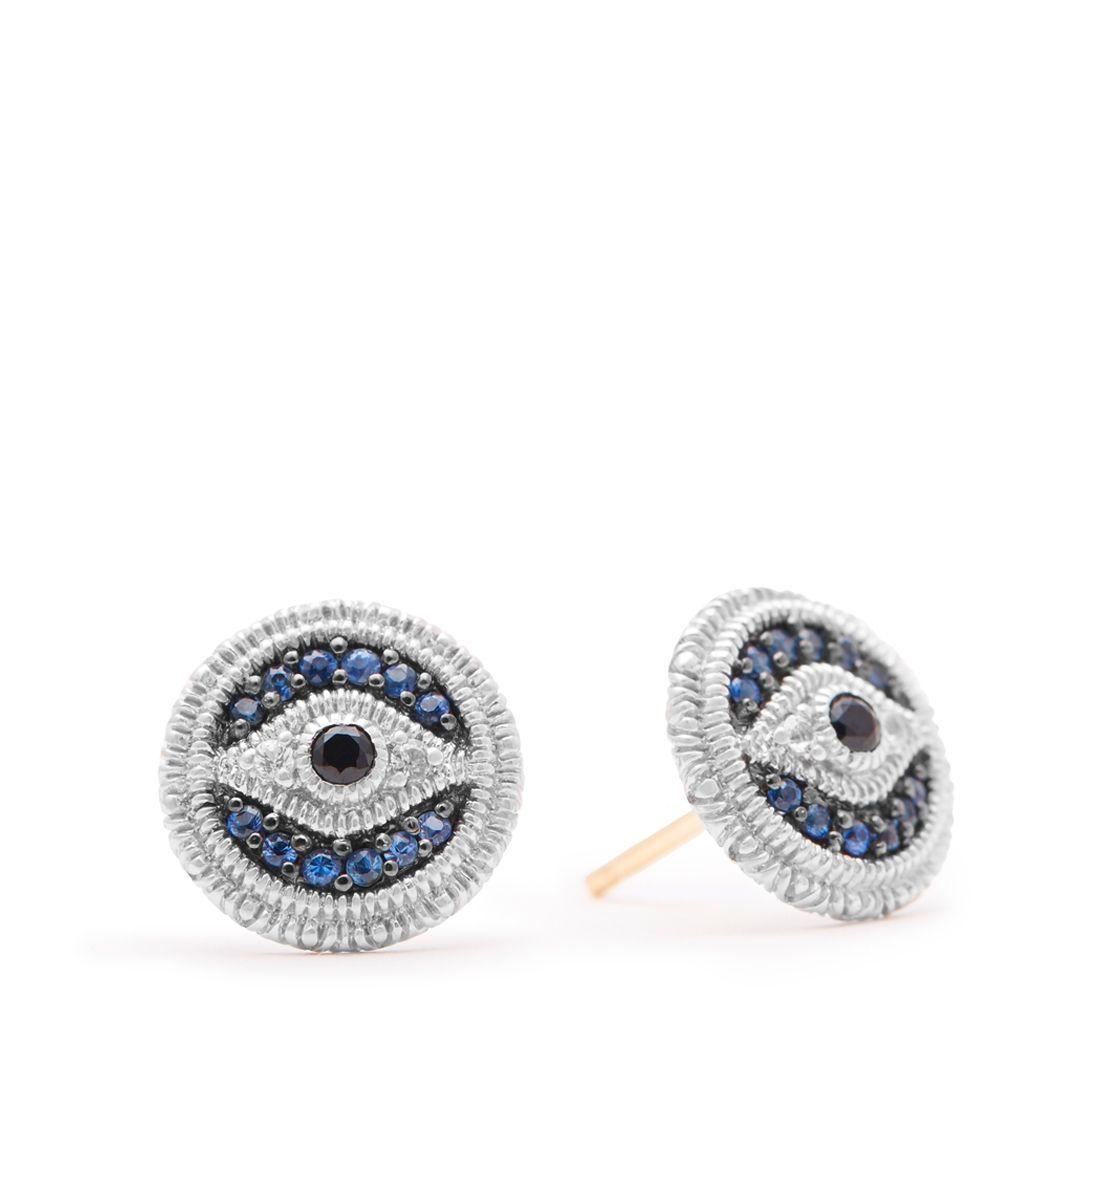 d877649e3 Judith Ripka - La Petite Pave Blue Sapphire Evil Eye Stud Earrings ...